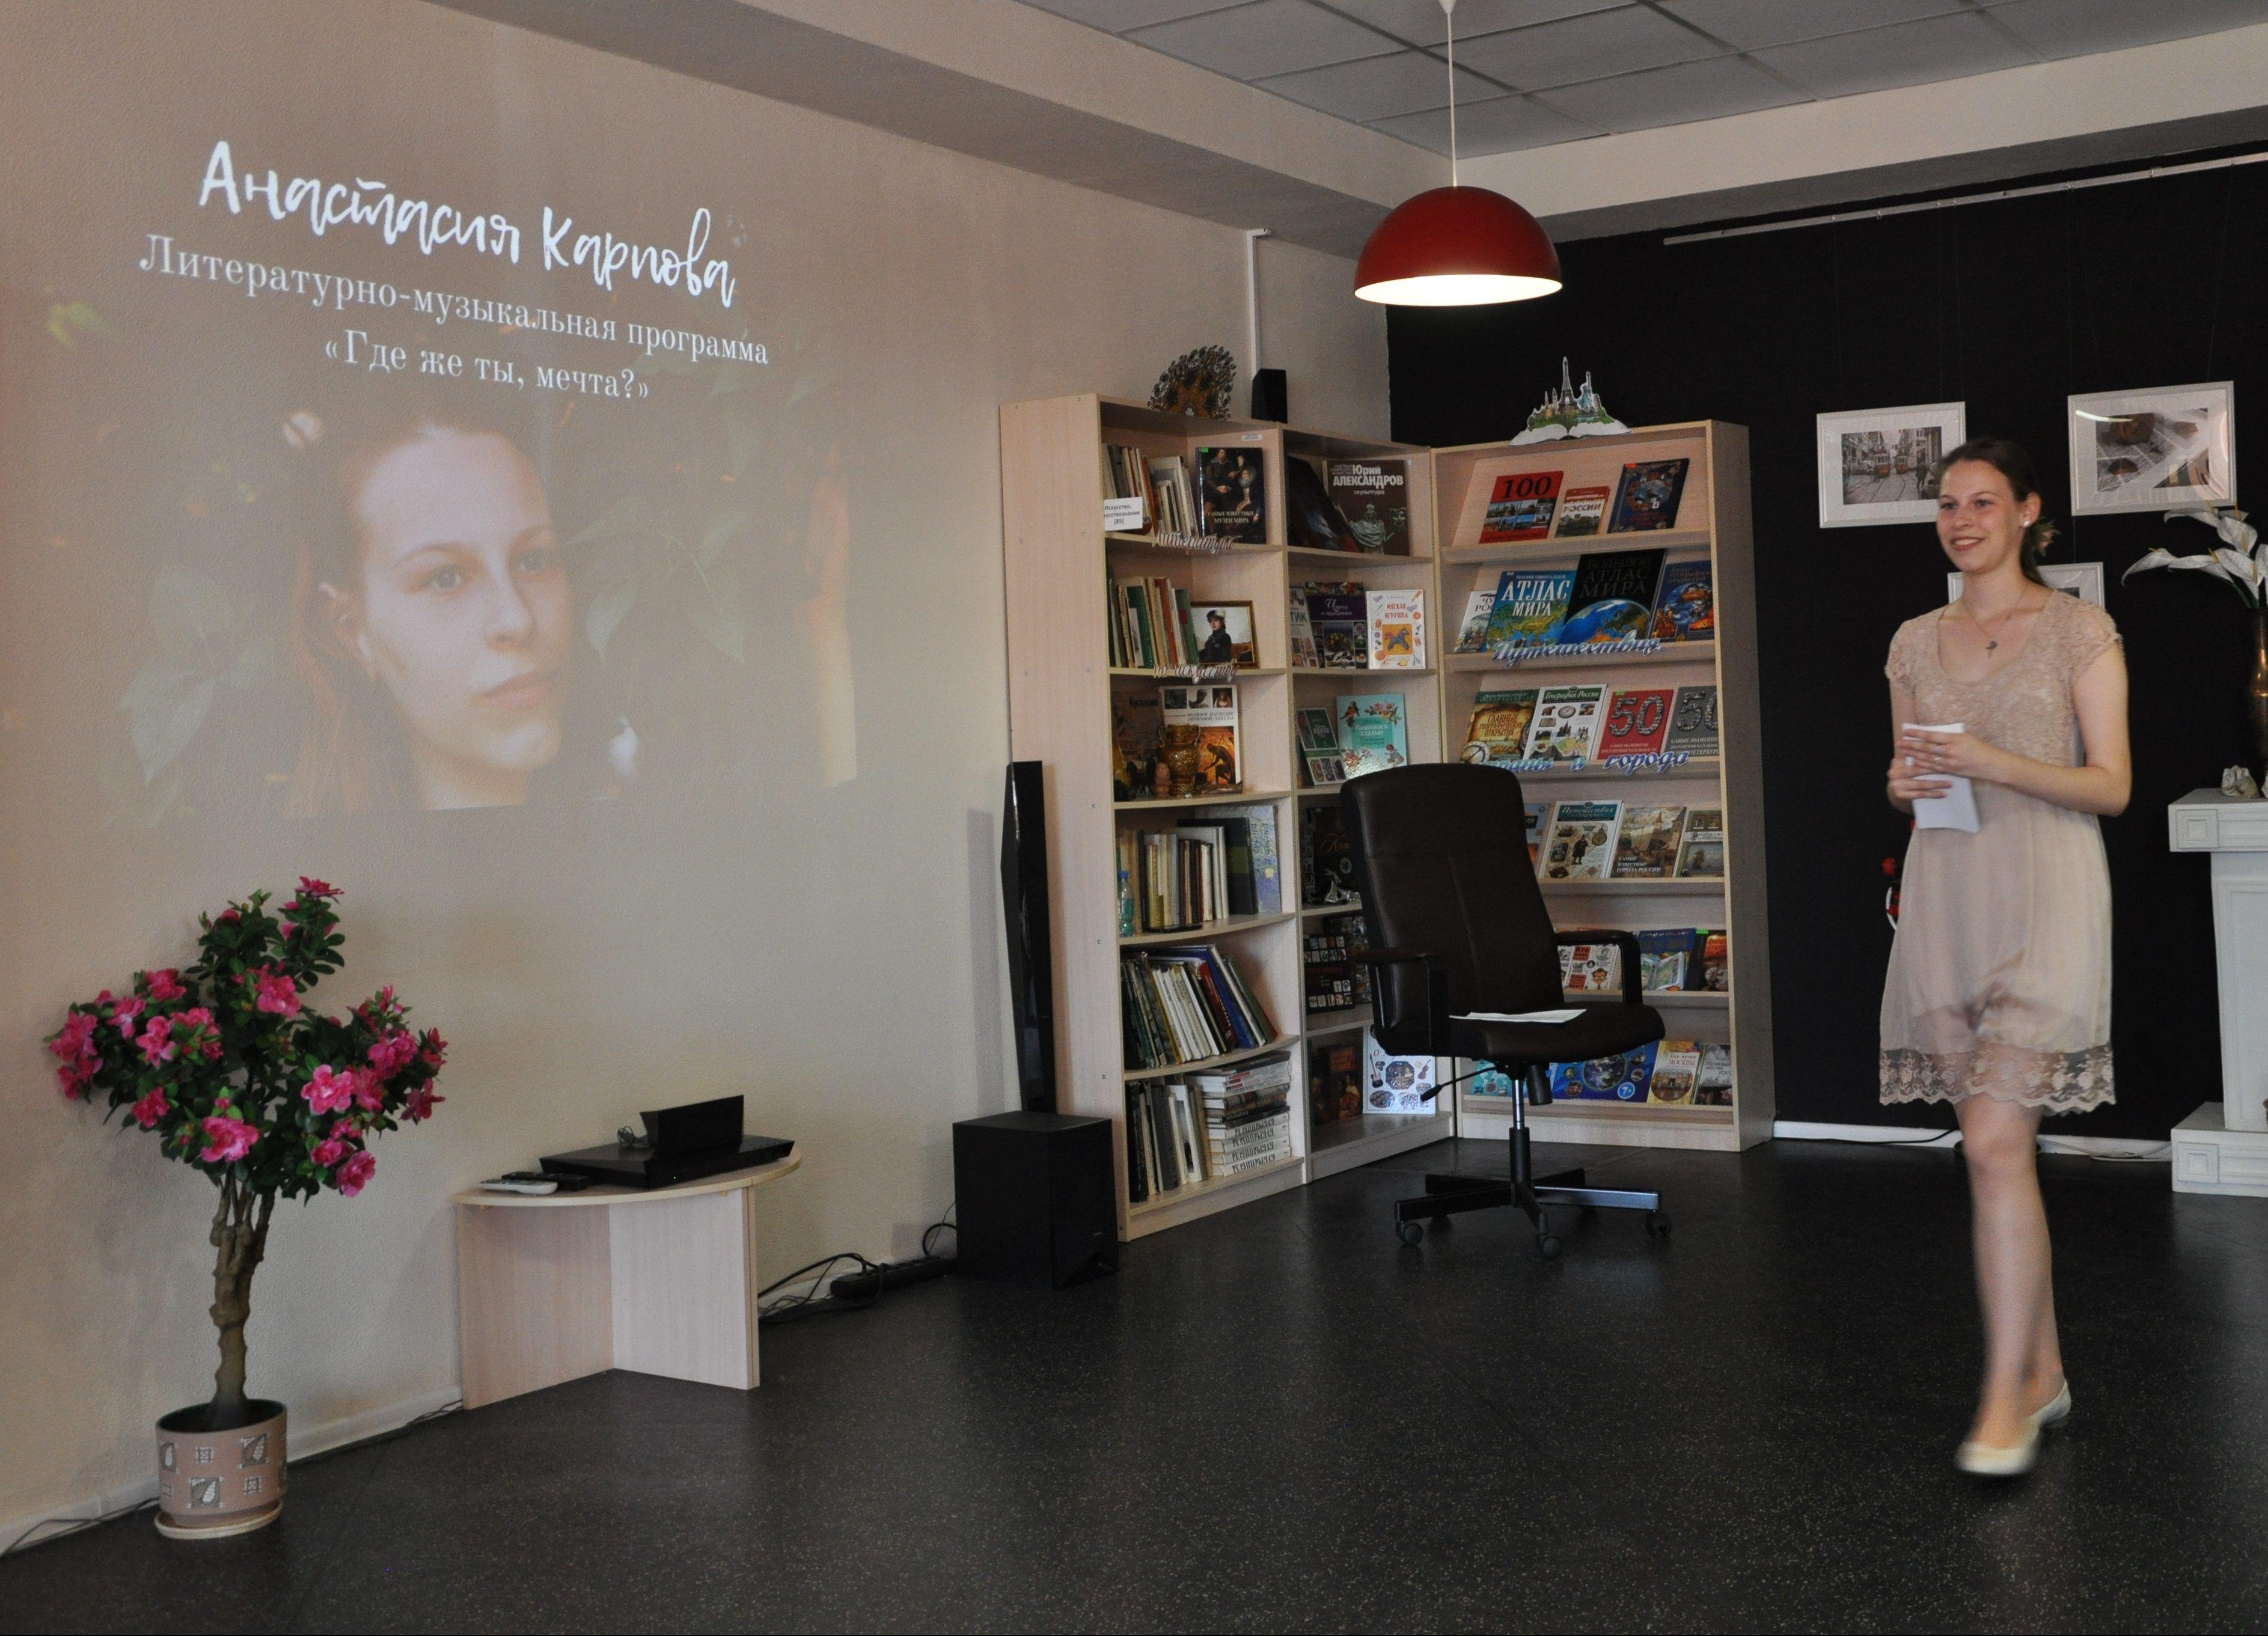 Литературно-музыкальную программу Анастасии Карповой показали в Центральной библиотеке города Щербинка